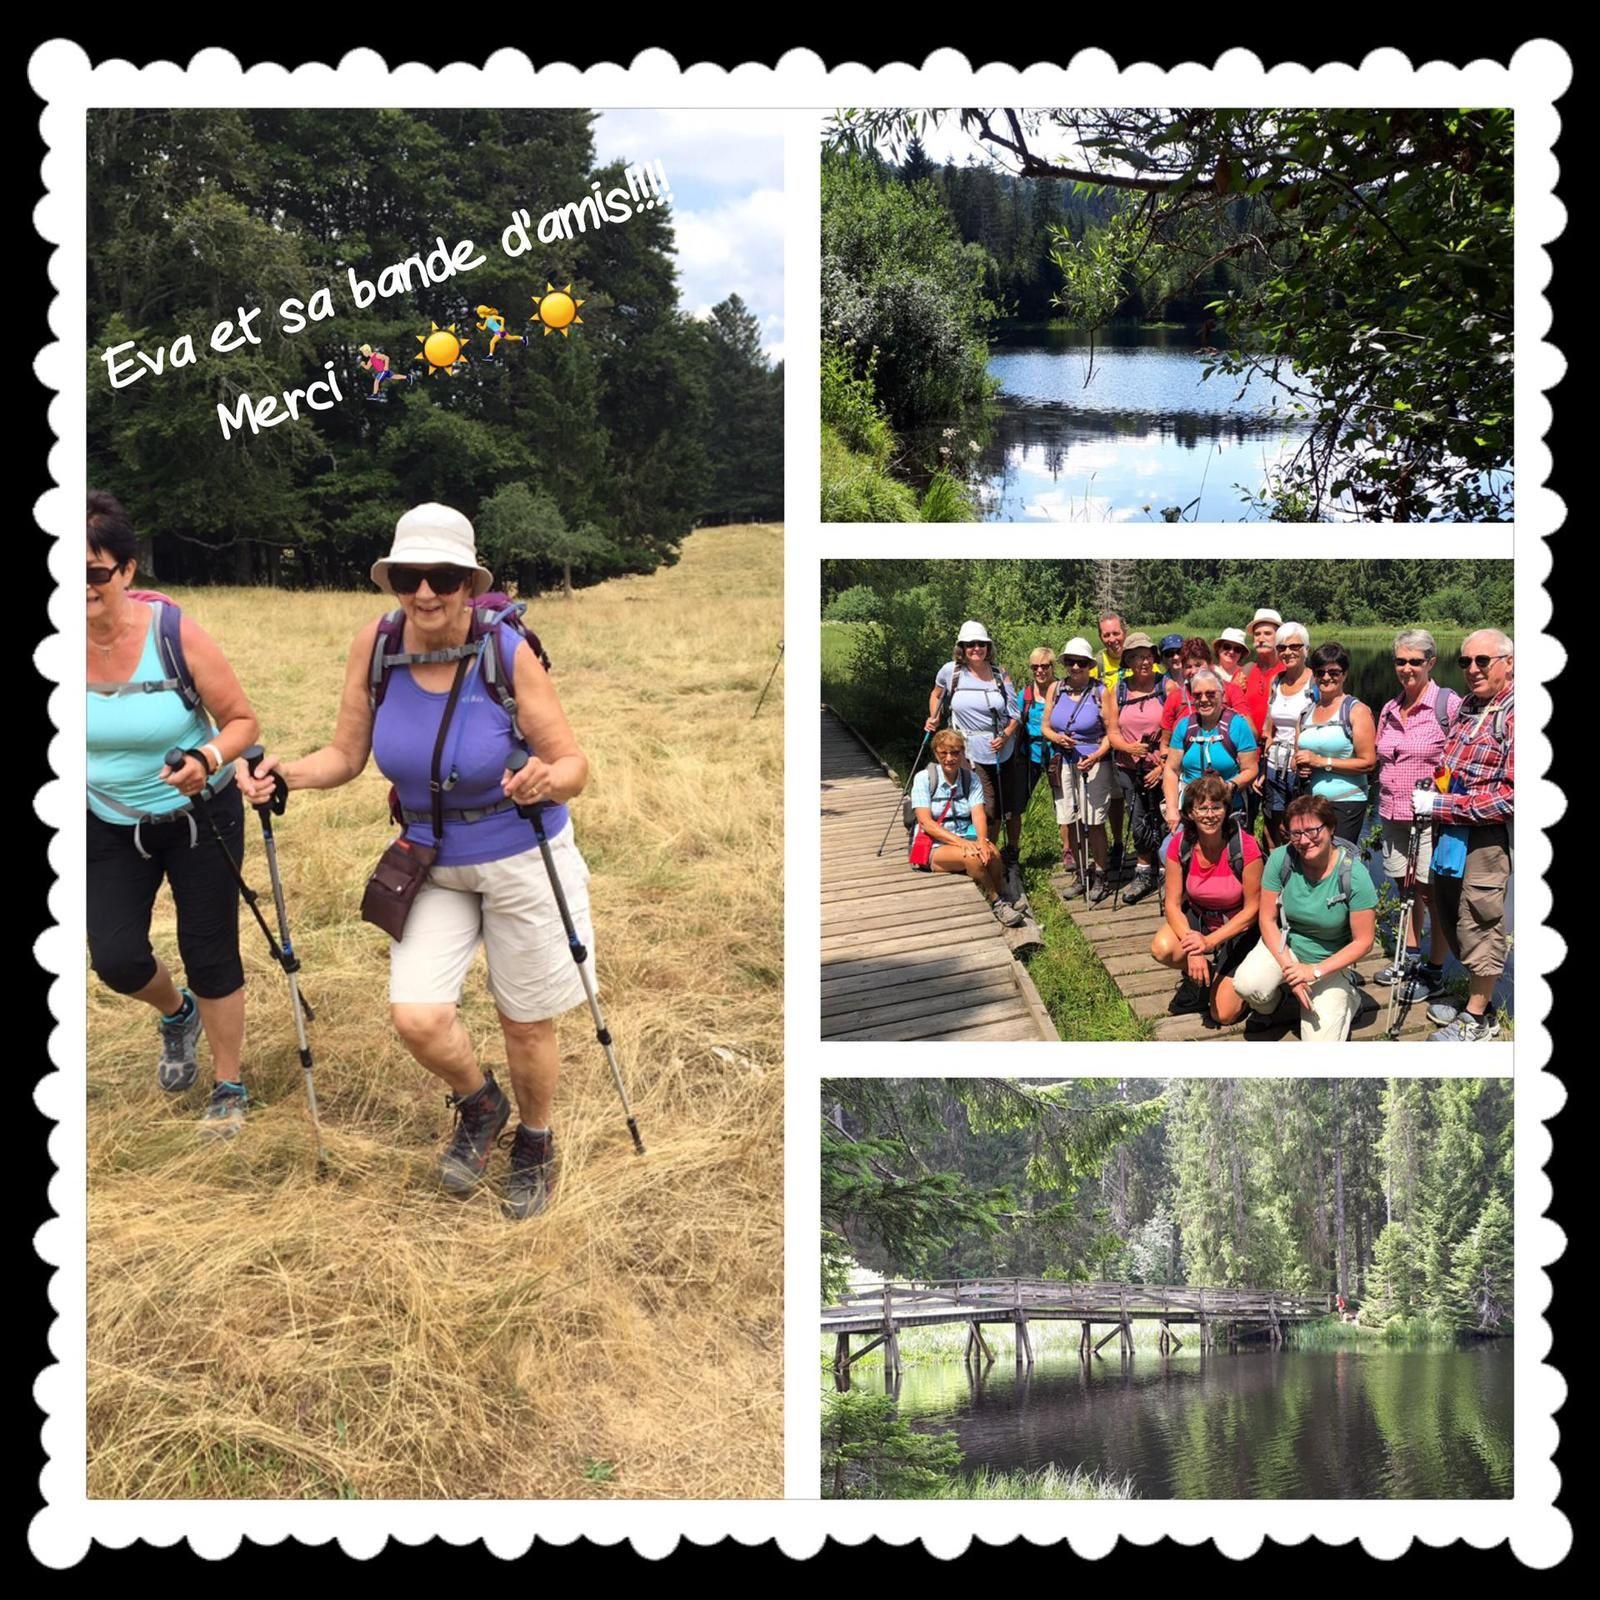 Mardi 30 Juillet : L'étang de Gruère  Saignelégier